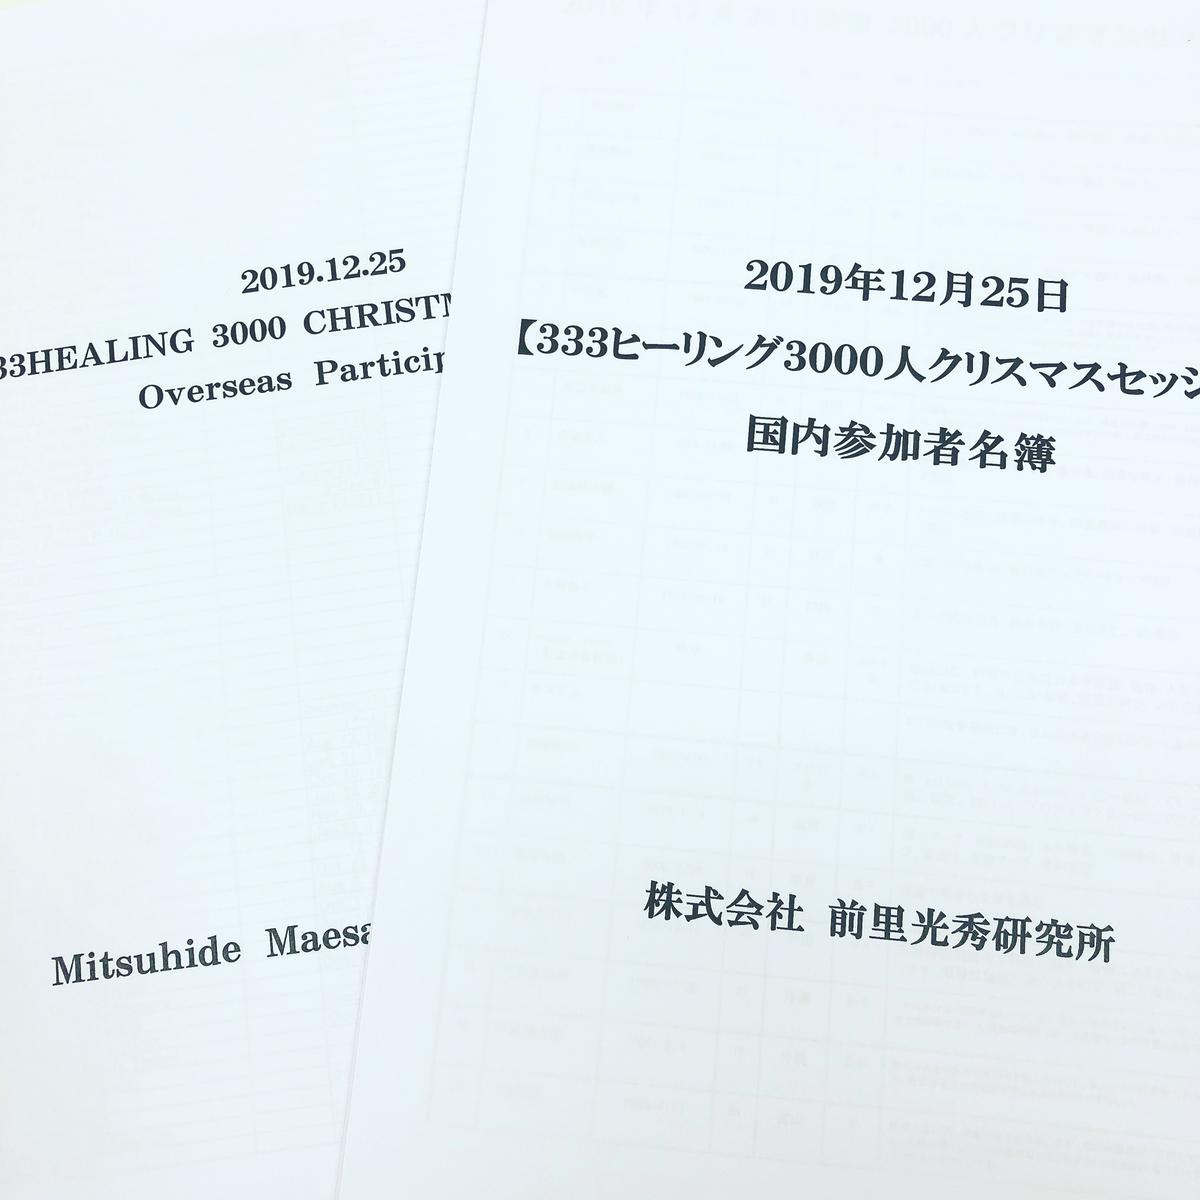 f:id:wadakazuma:20191224214702j:plain